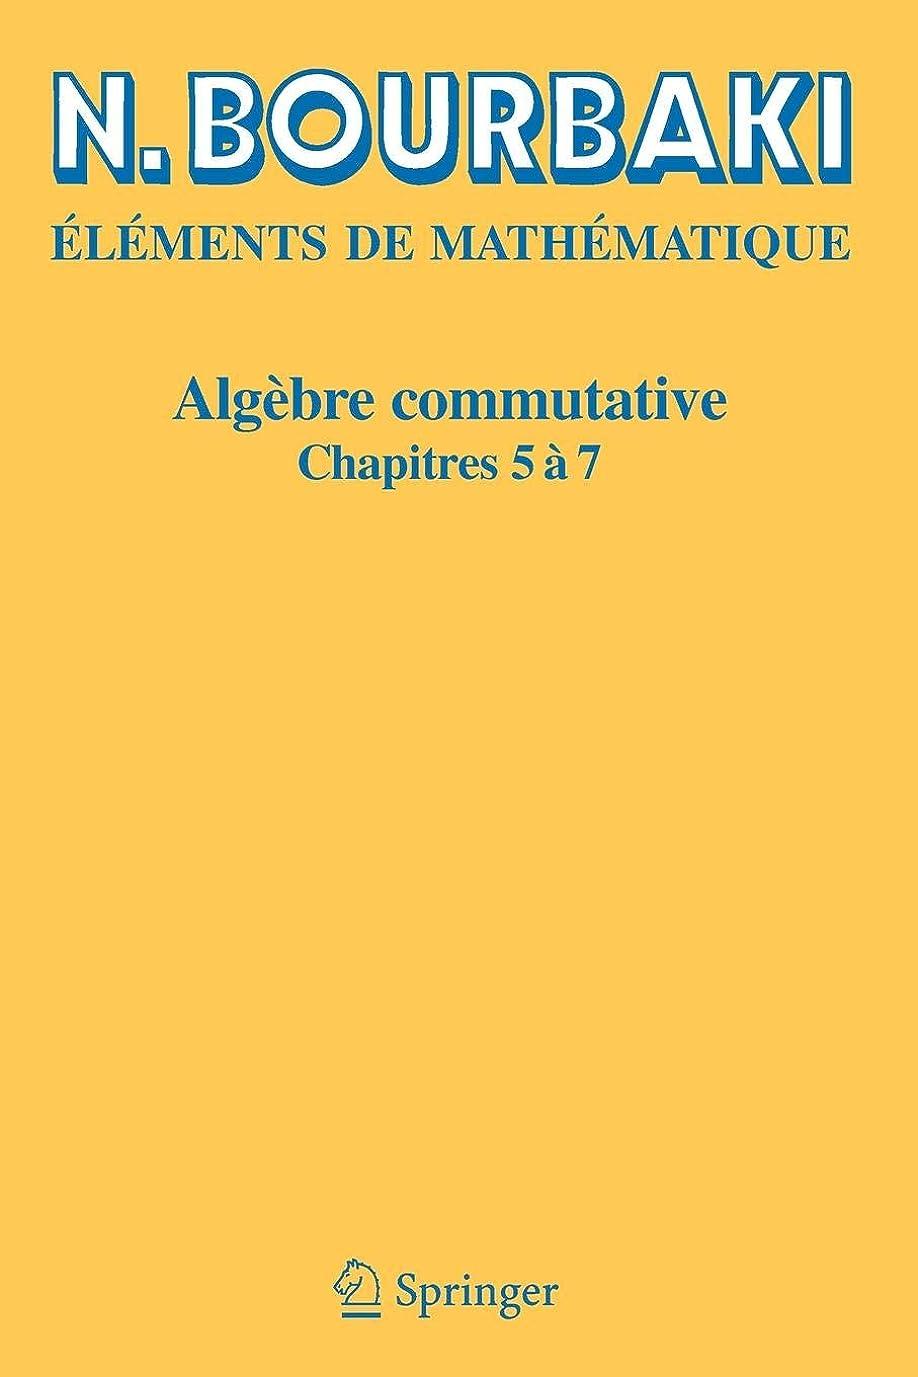 生態学神のデコラティブAlgebre Commutative : Chapitres 5 a 7 (Elements de Mathematique)